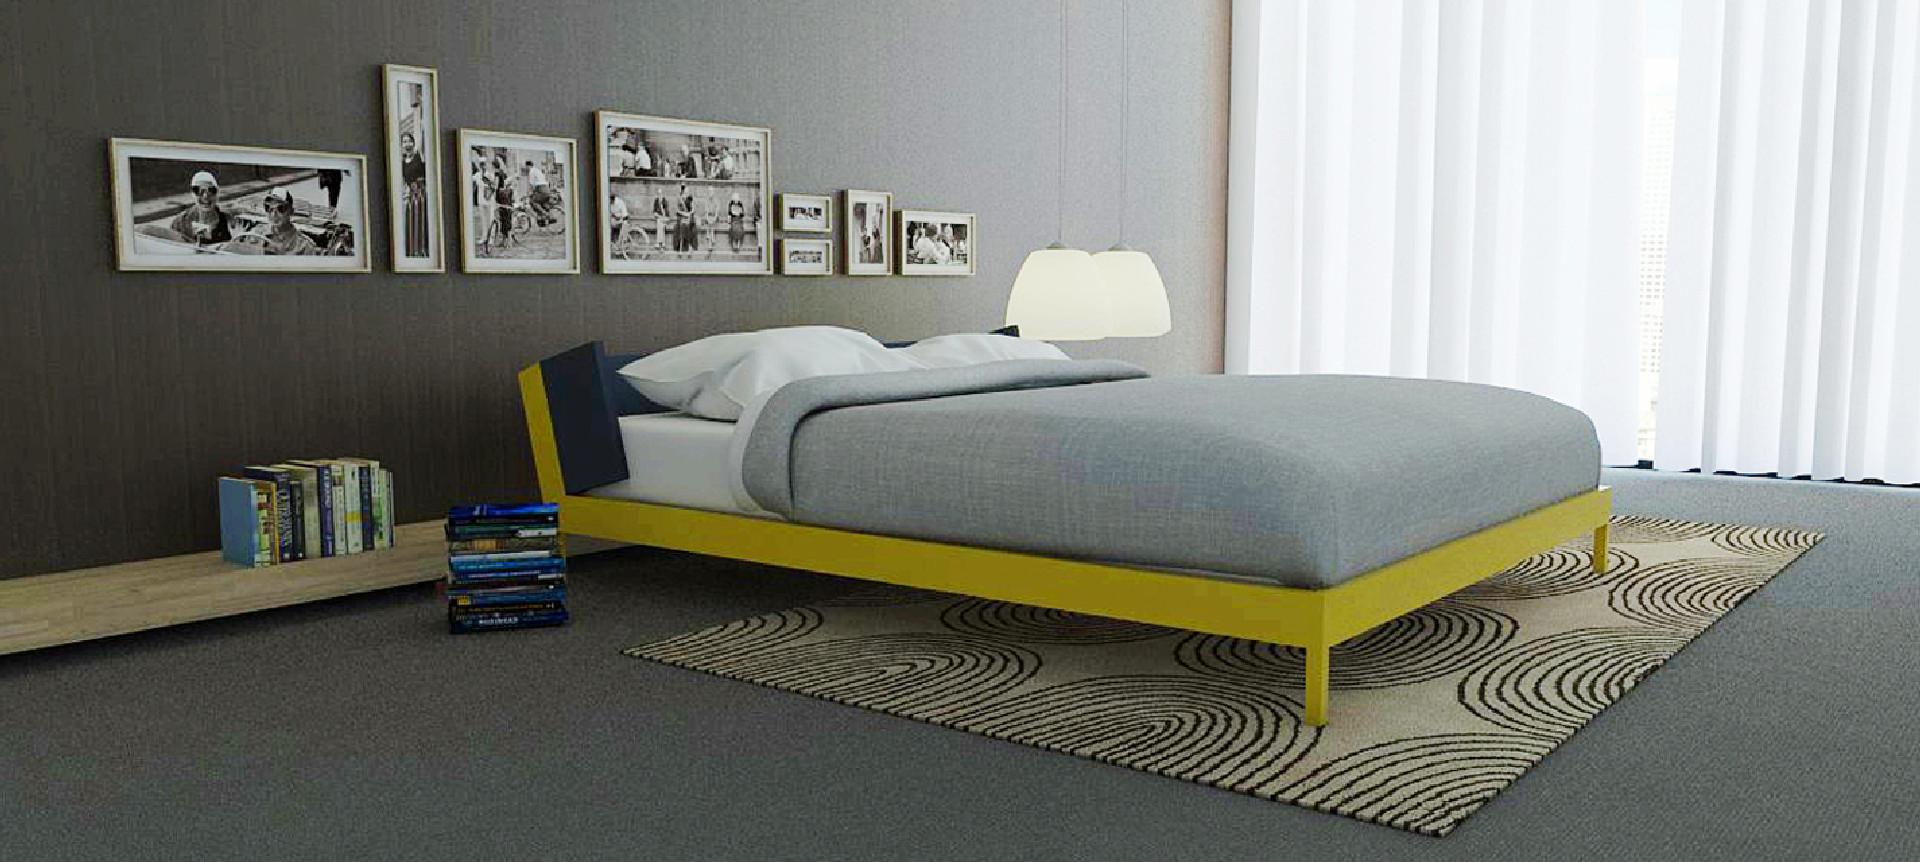 3 Wim Celis Aluminium bed 6_OK